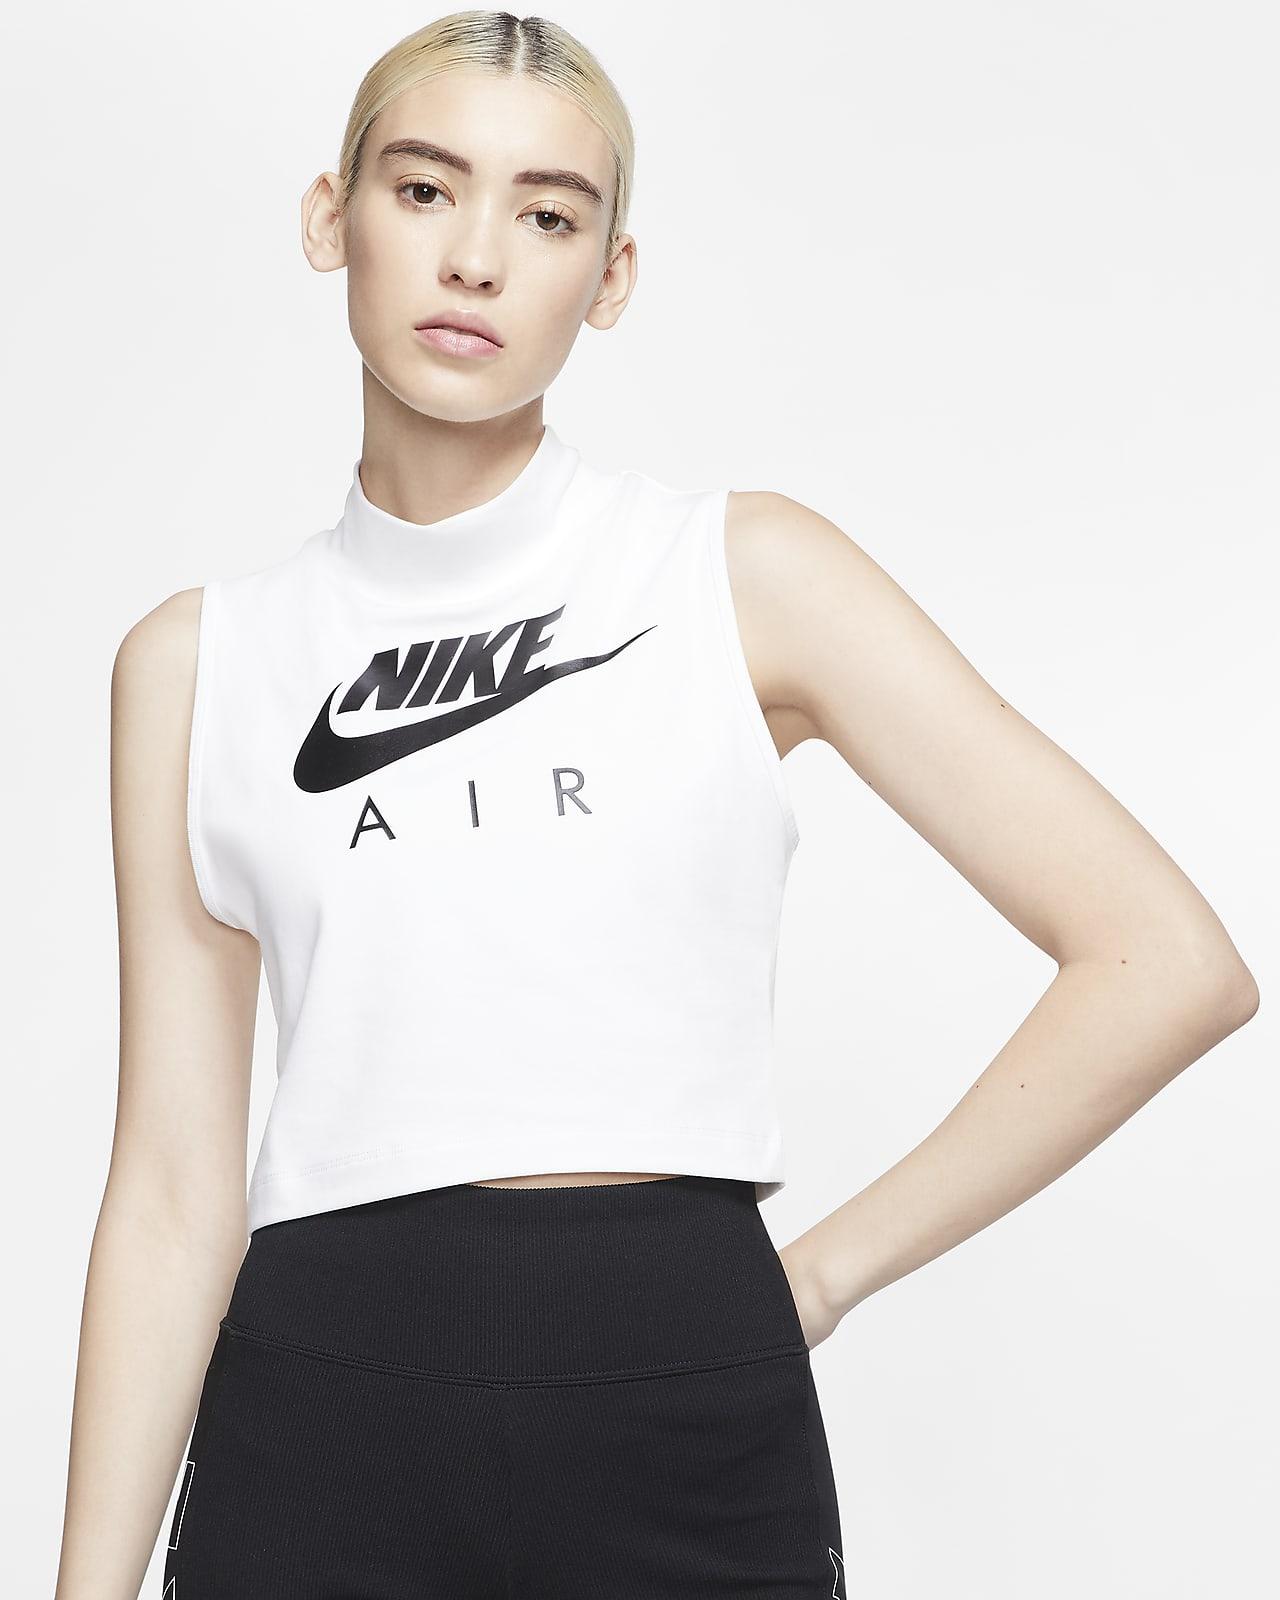 Nike Air Balıkçı Yaka Kadın Atleti